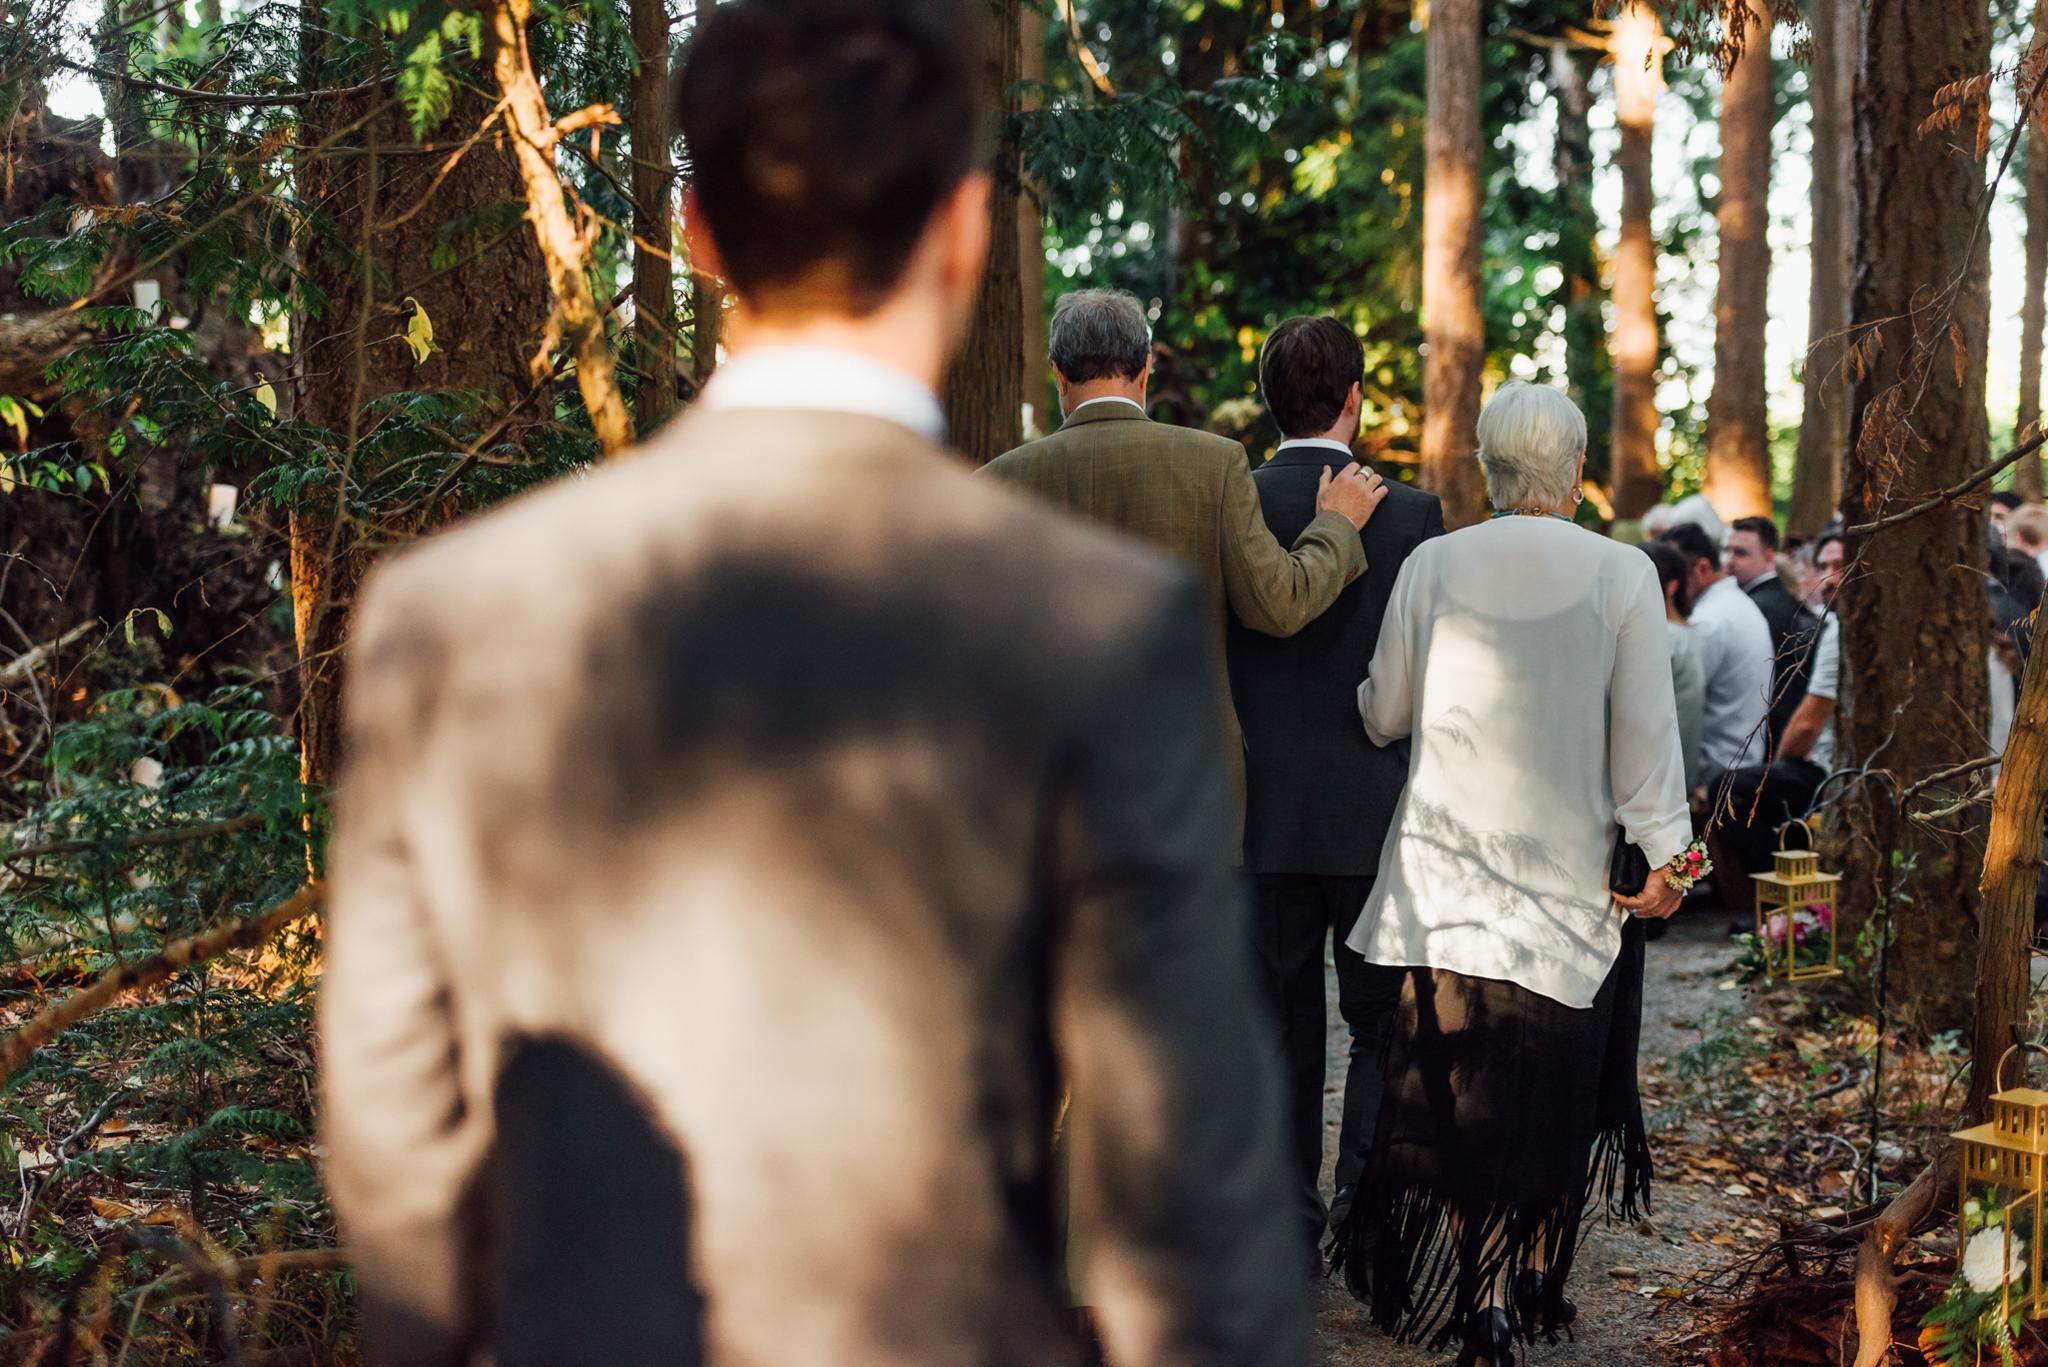 Nicola_Reiersen_Photography_Sea_Cider_Forest_Wedding (55).jpg